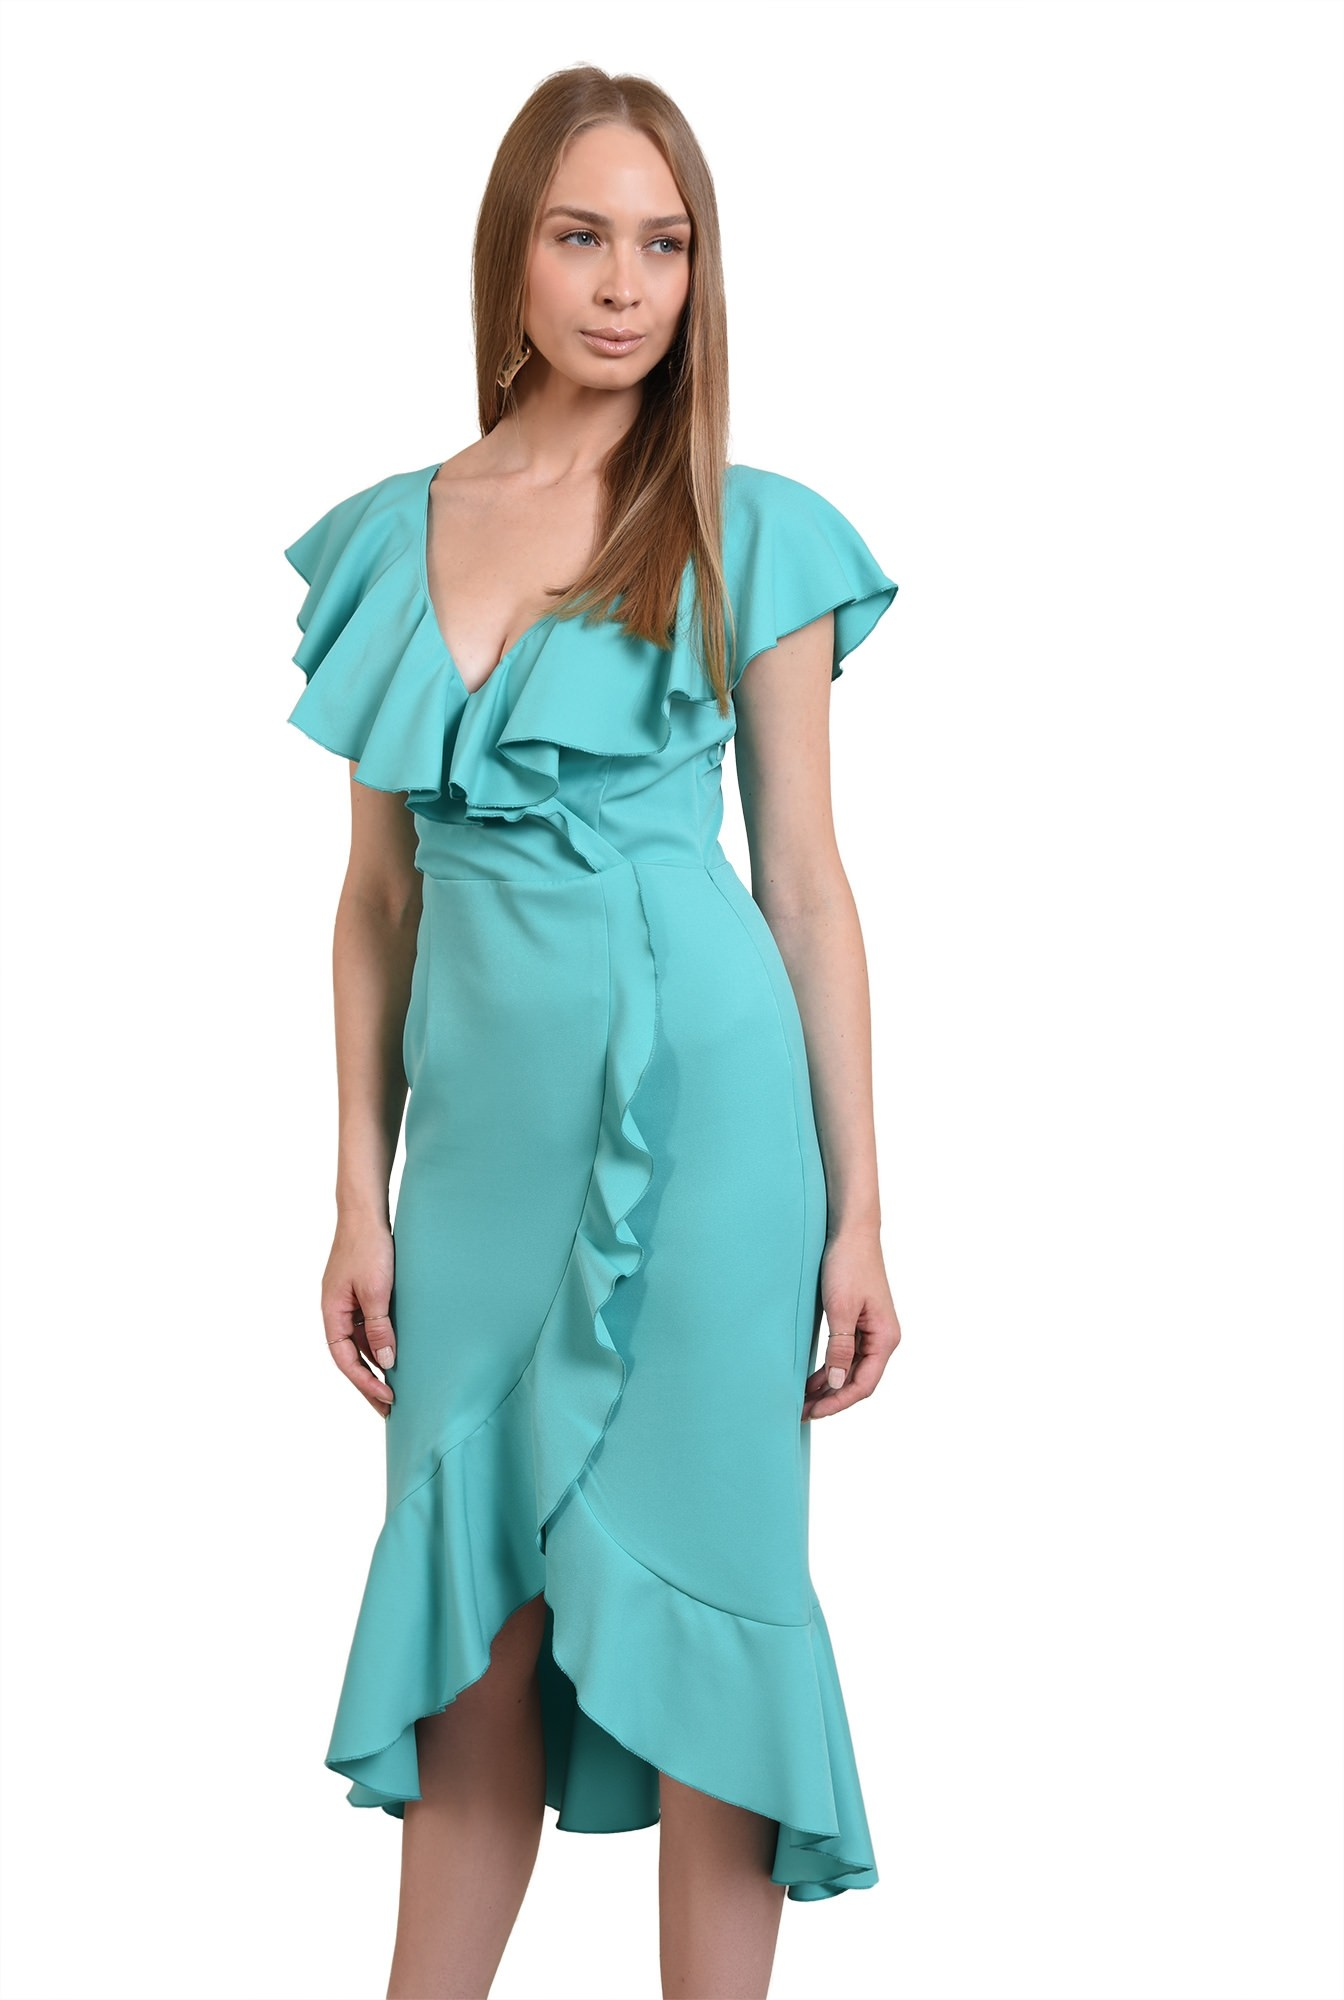 rochie midi, eleganta, cu volane, cu anchior, rochie de ocazie